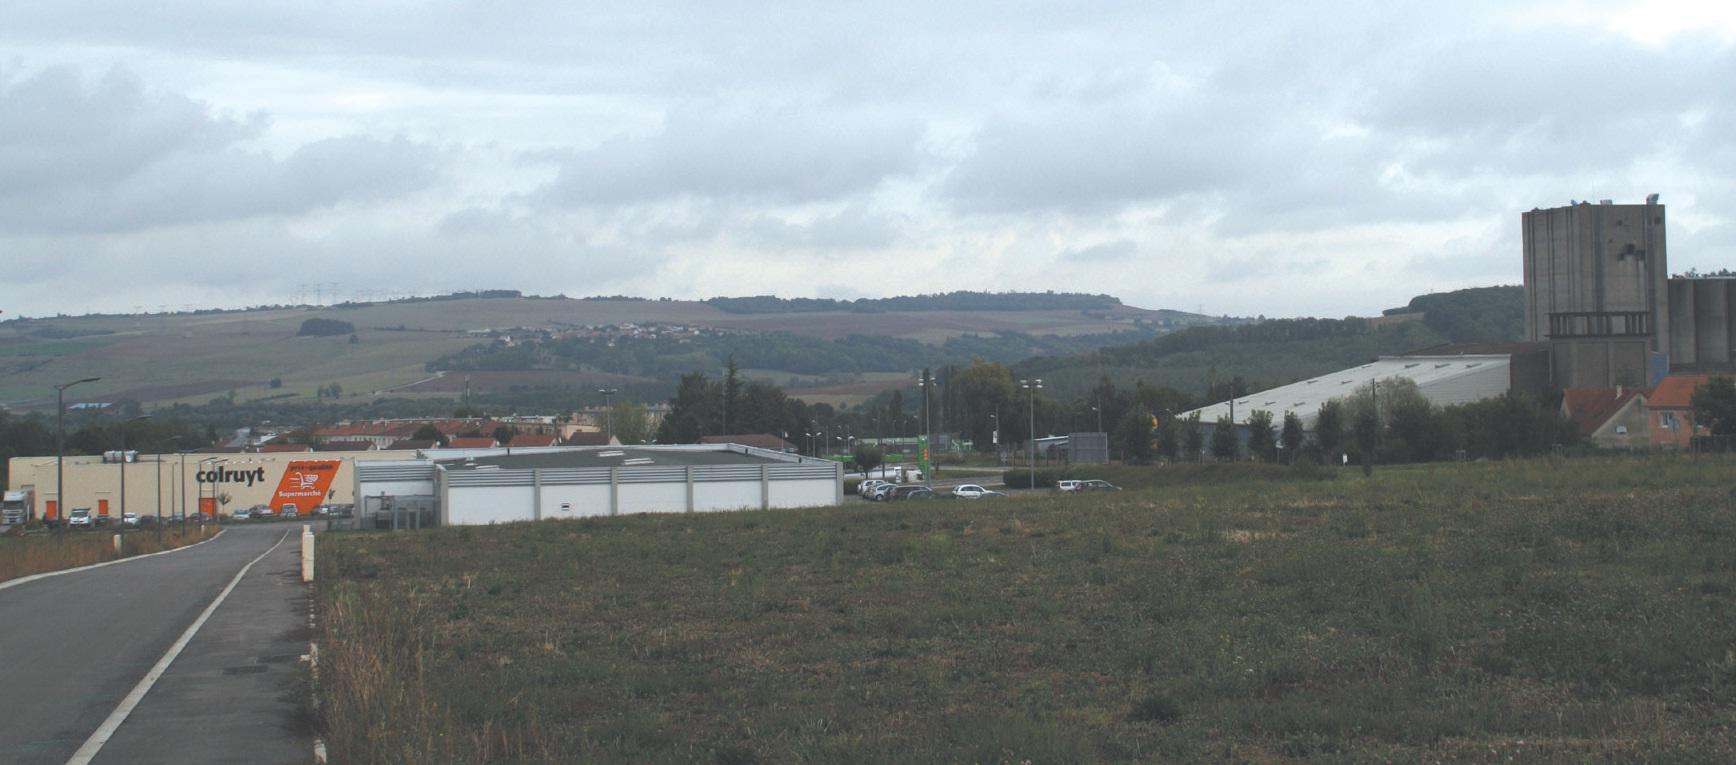 La Zone d'activités de la Ferrière à Dieulouard est aujourd'hui opérationnelle. Les quelque 55 000 m² de parcelles sont entièrement viabilisés.